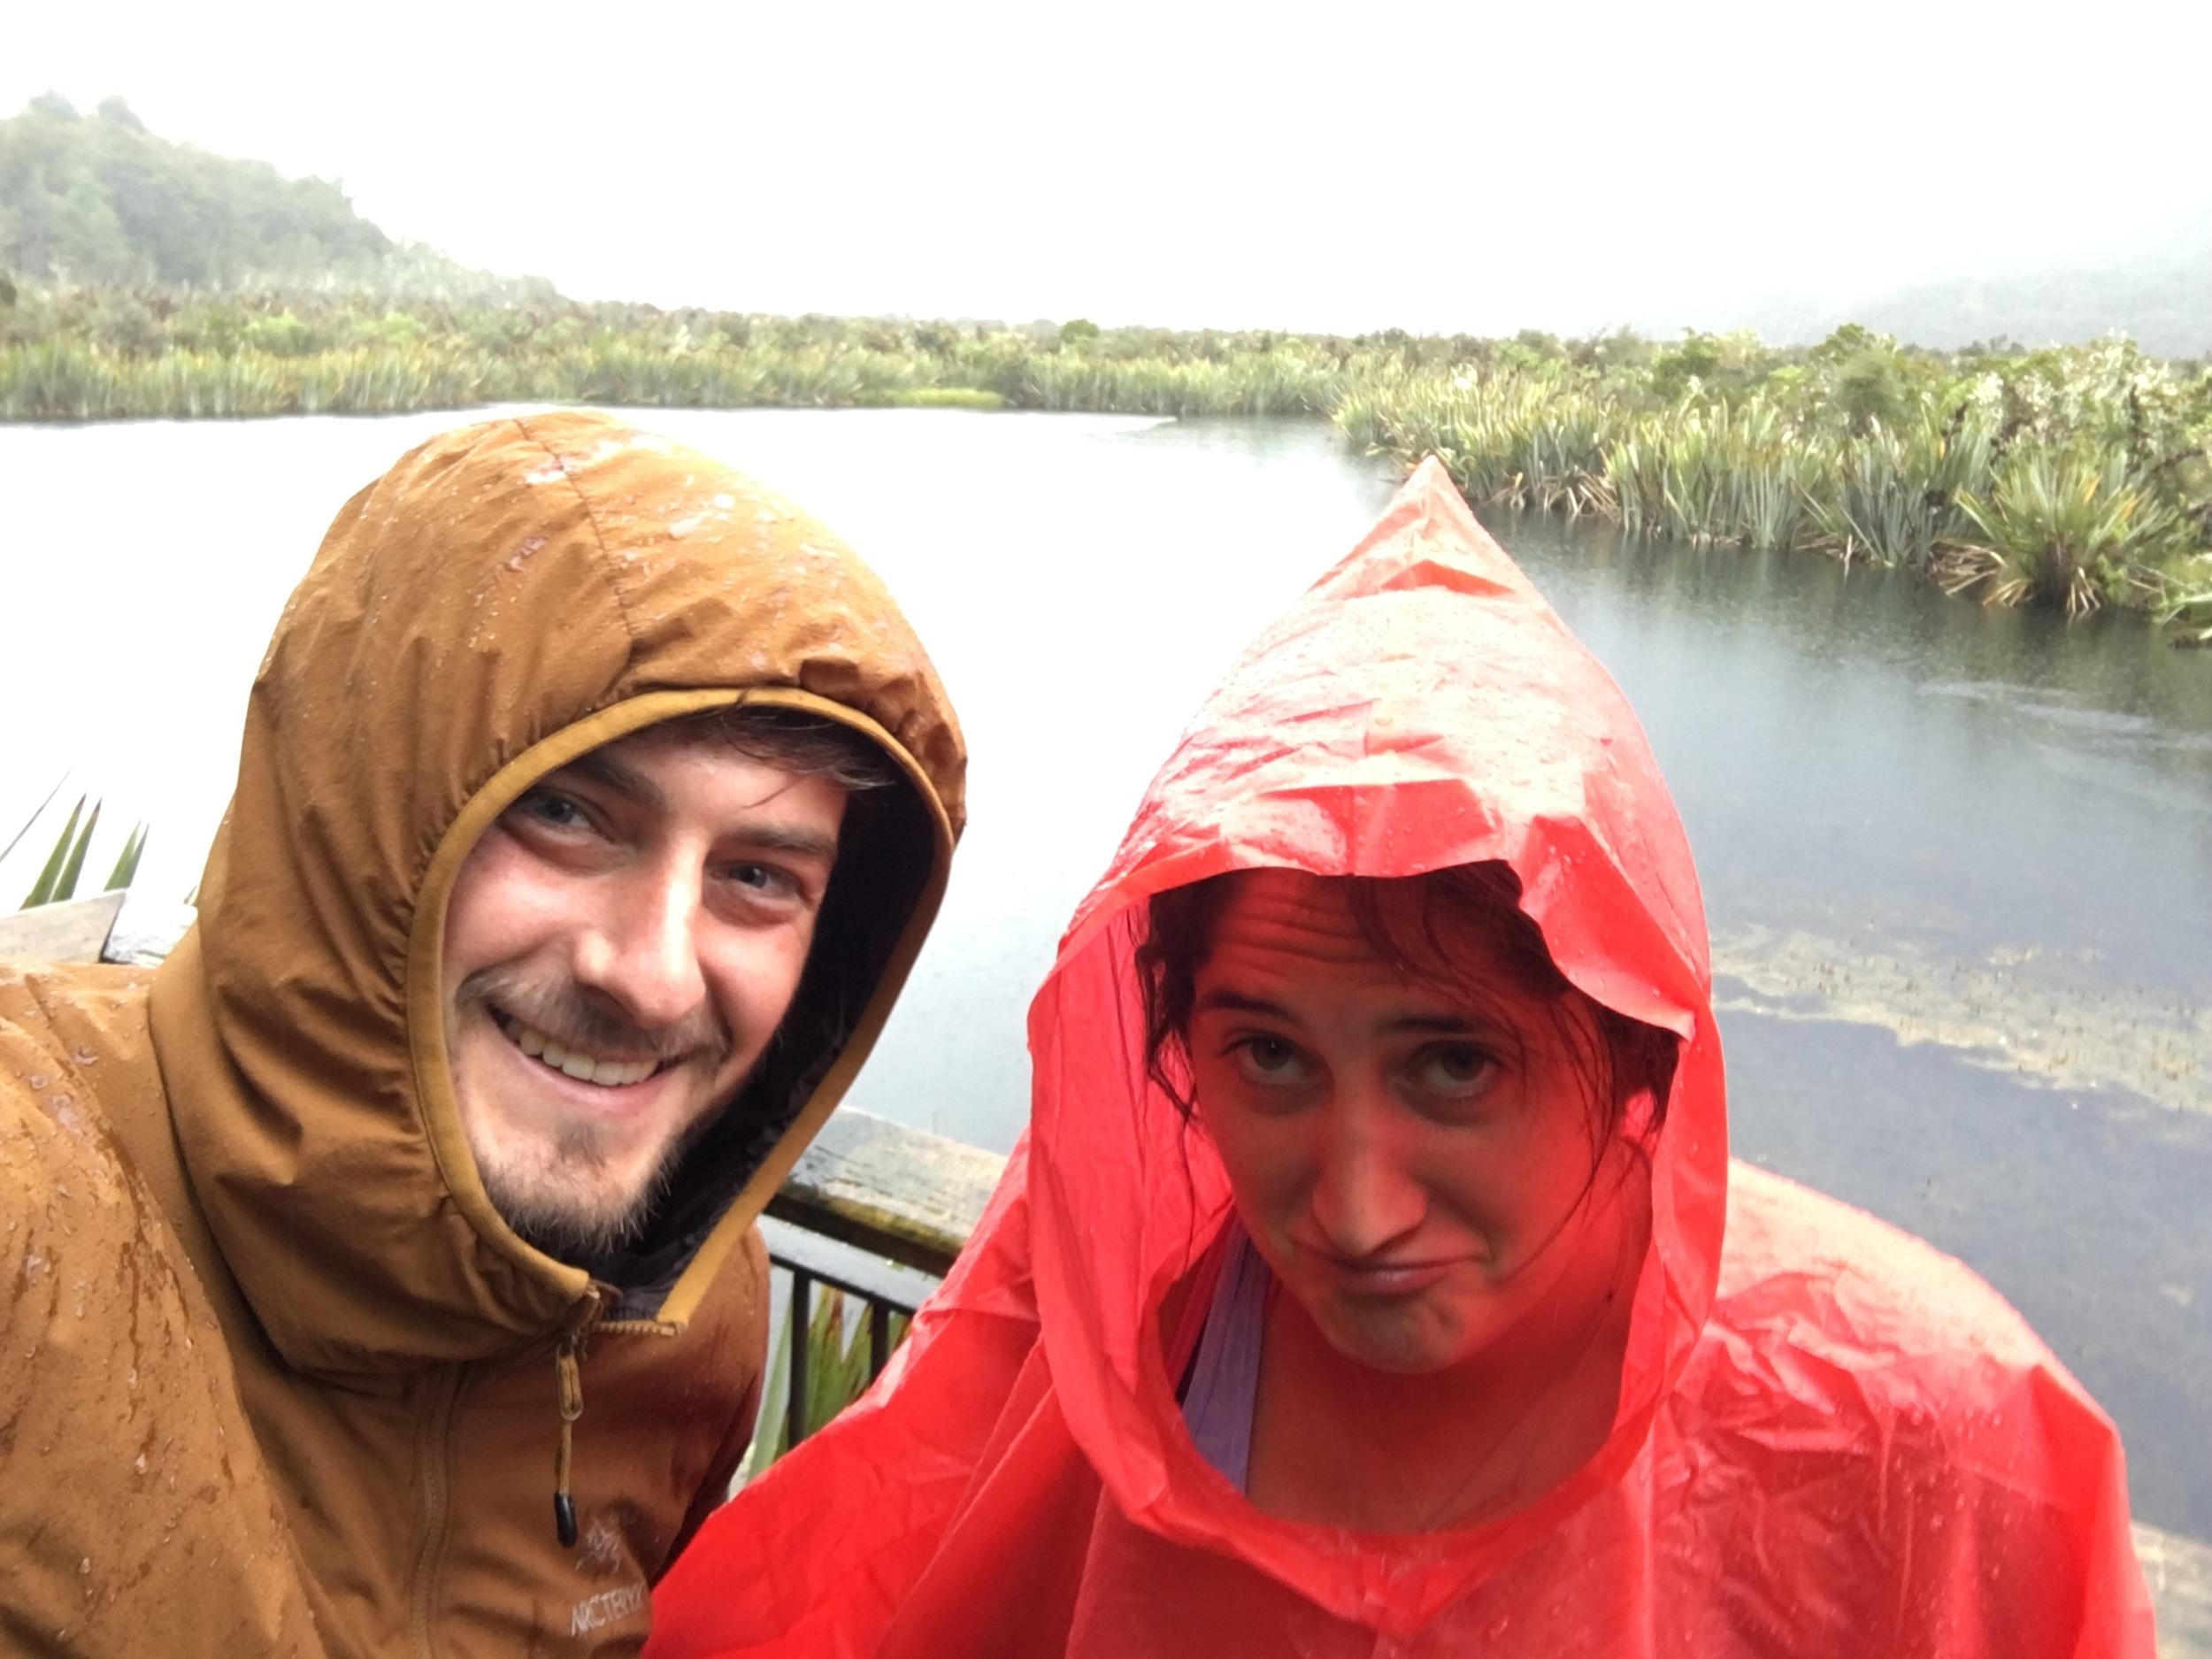 Poncho sadness at Mirror Lakes